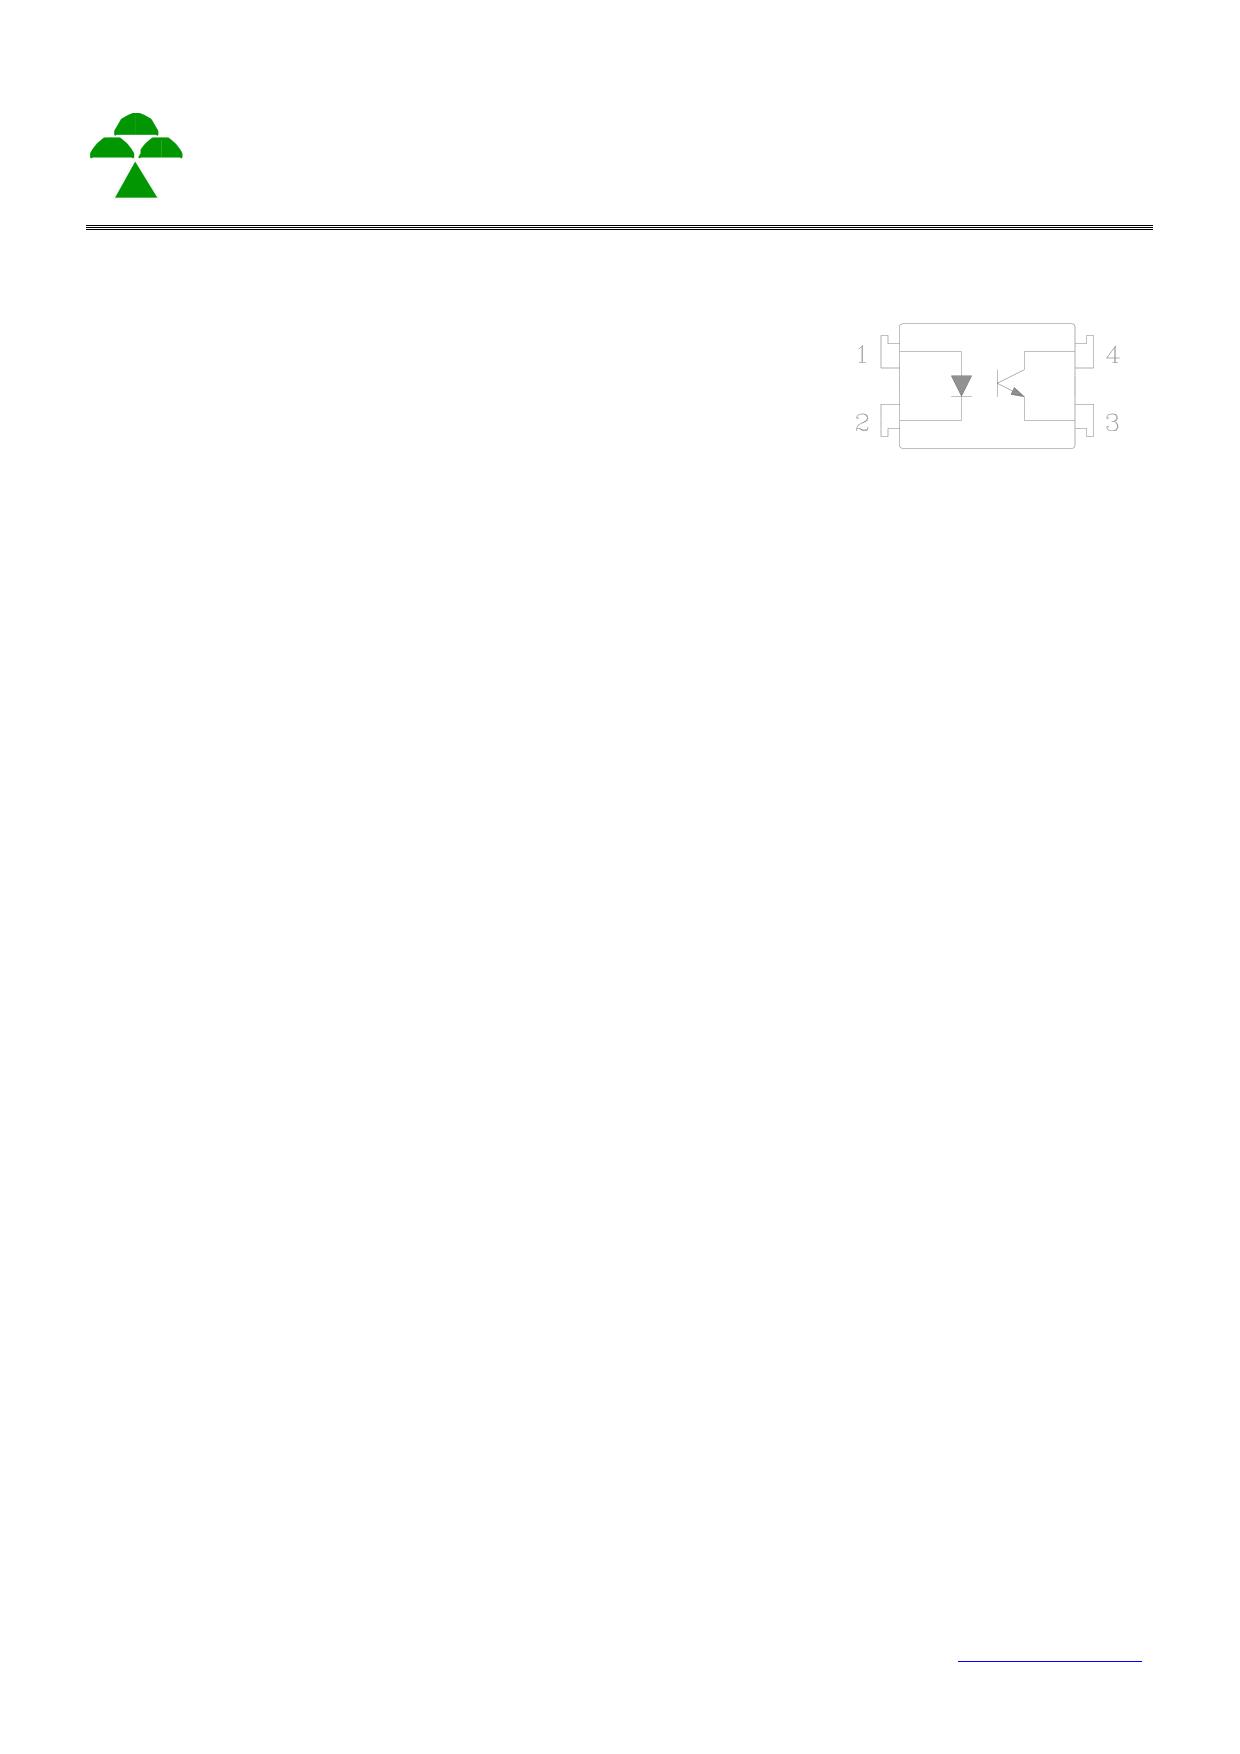 K10103Z datasheet